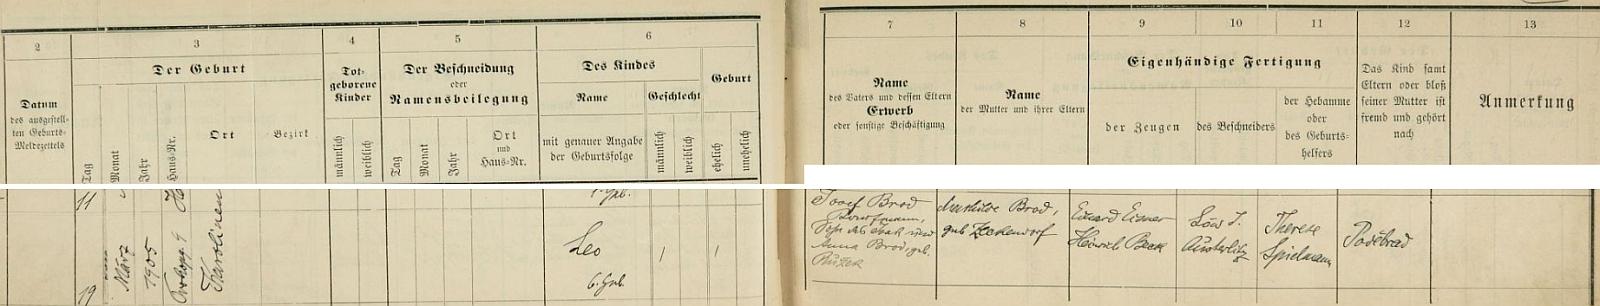 """Záznam karlínské židovské matriky o jeho narození a obřízce: narodil se 19. března roku 1905 na karlínské adrese """"Prokopgasse 9"""" jako šesté dítě v rodině obchodníka Josefa Broda (syna Isaka Broda a Anny, roz. Růžkové) a jeho ženy Mathildy, roz. Zeckendorfové, jako svědci jsou psáni Eduard Eisner a Heinrich Beck, obřízku provedl Löw J. Austerlitz, porodní bábou byla Therese Spielmannová, dítě včetně rodičů nebo pouze matky je cizí a patří do Poděbrad"""